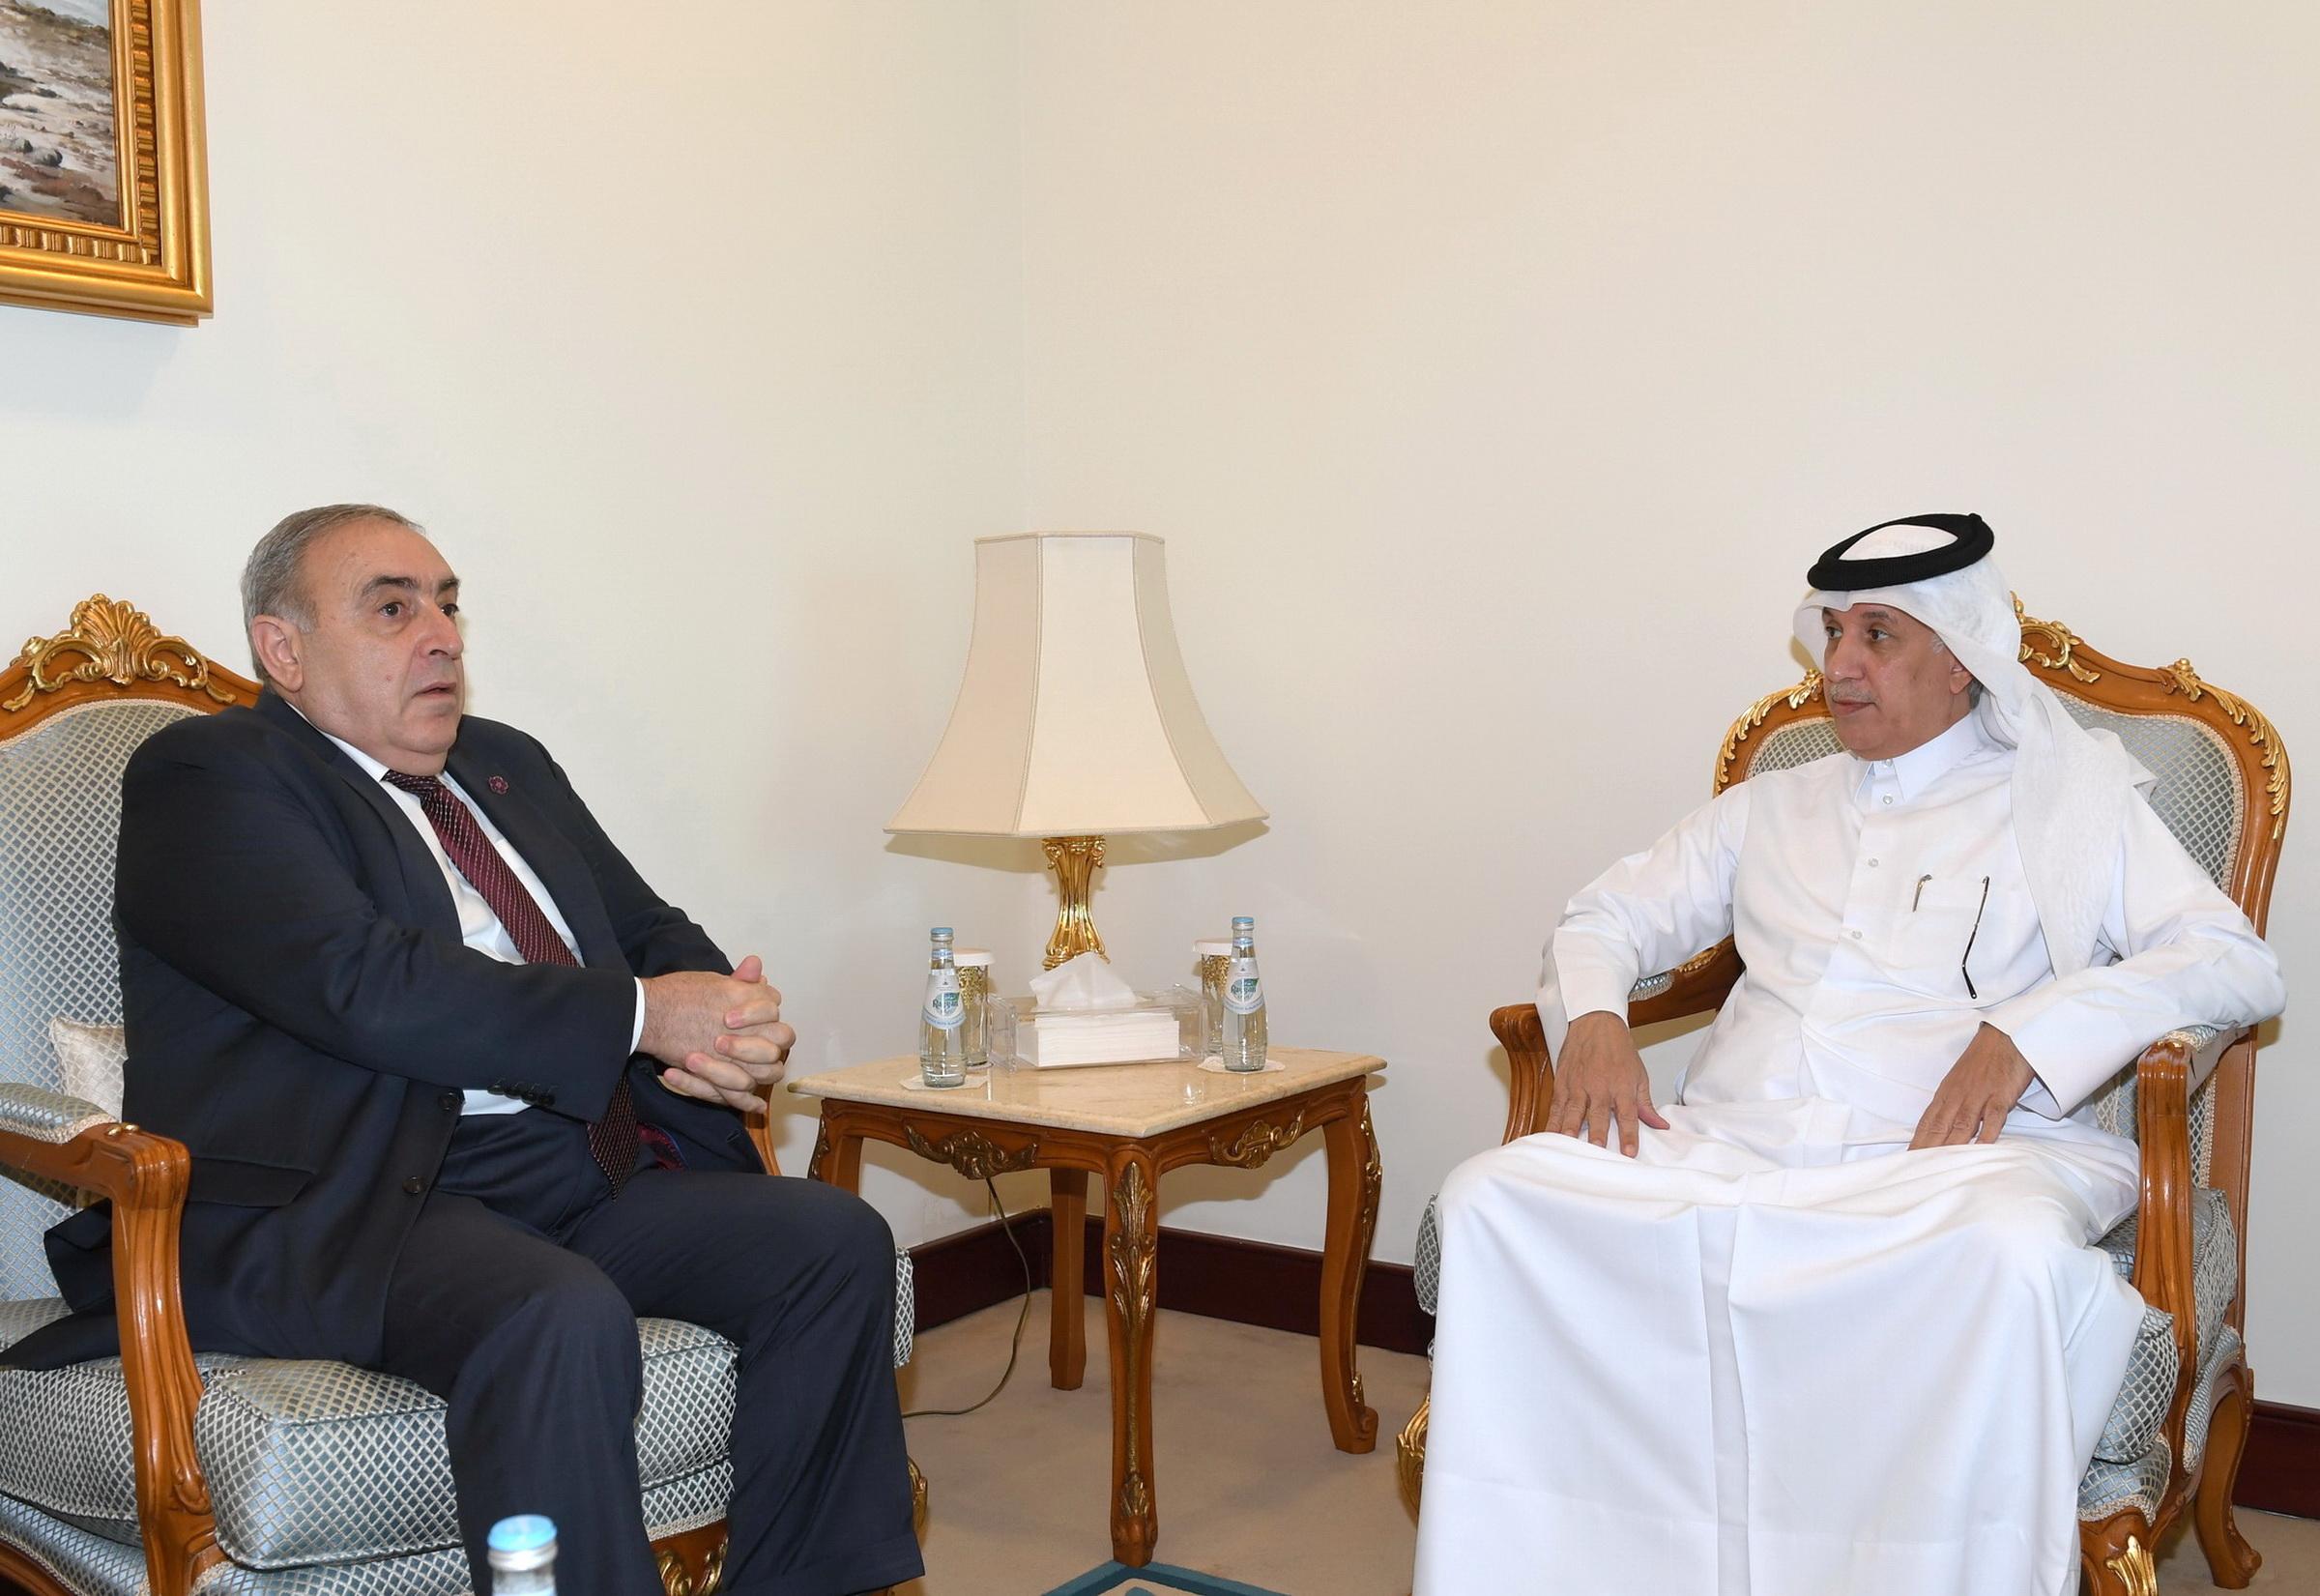 وزير الدولة للشؤون الخارجية يجتمع مع سفير أرمينيا